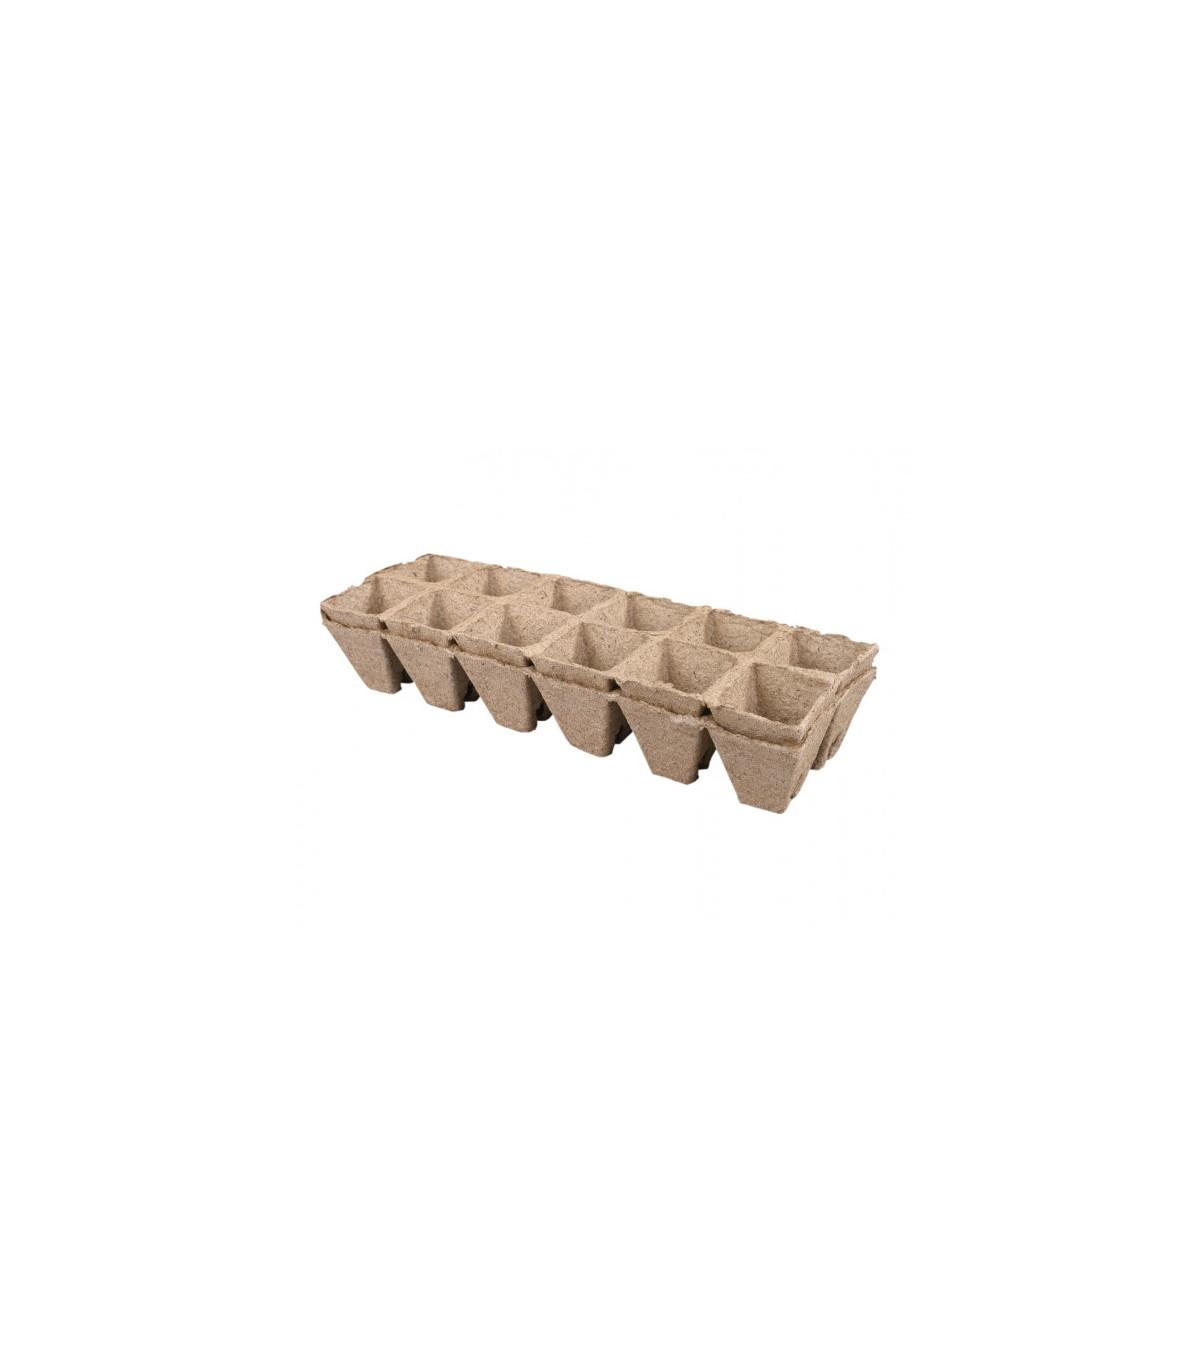 Kvetináč rašelinový 24 ks / 5x5 cm - zárez - 1 balení